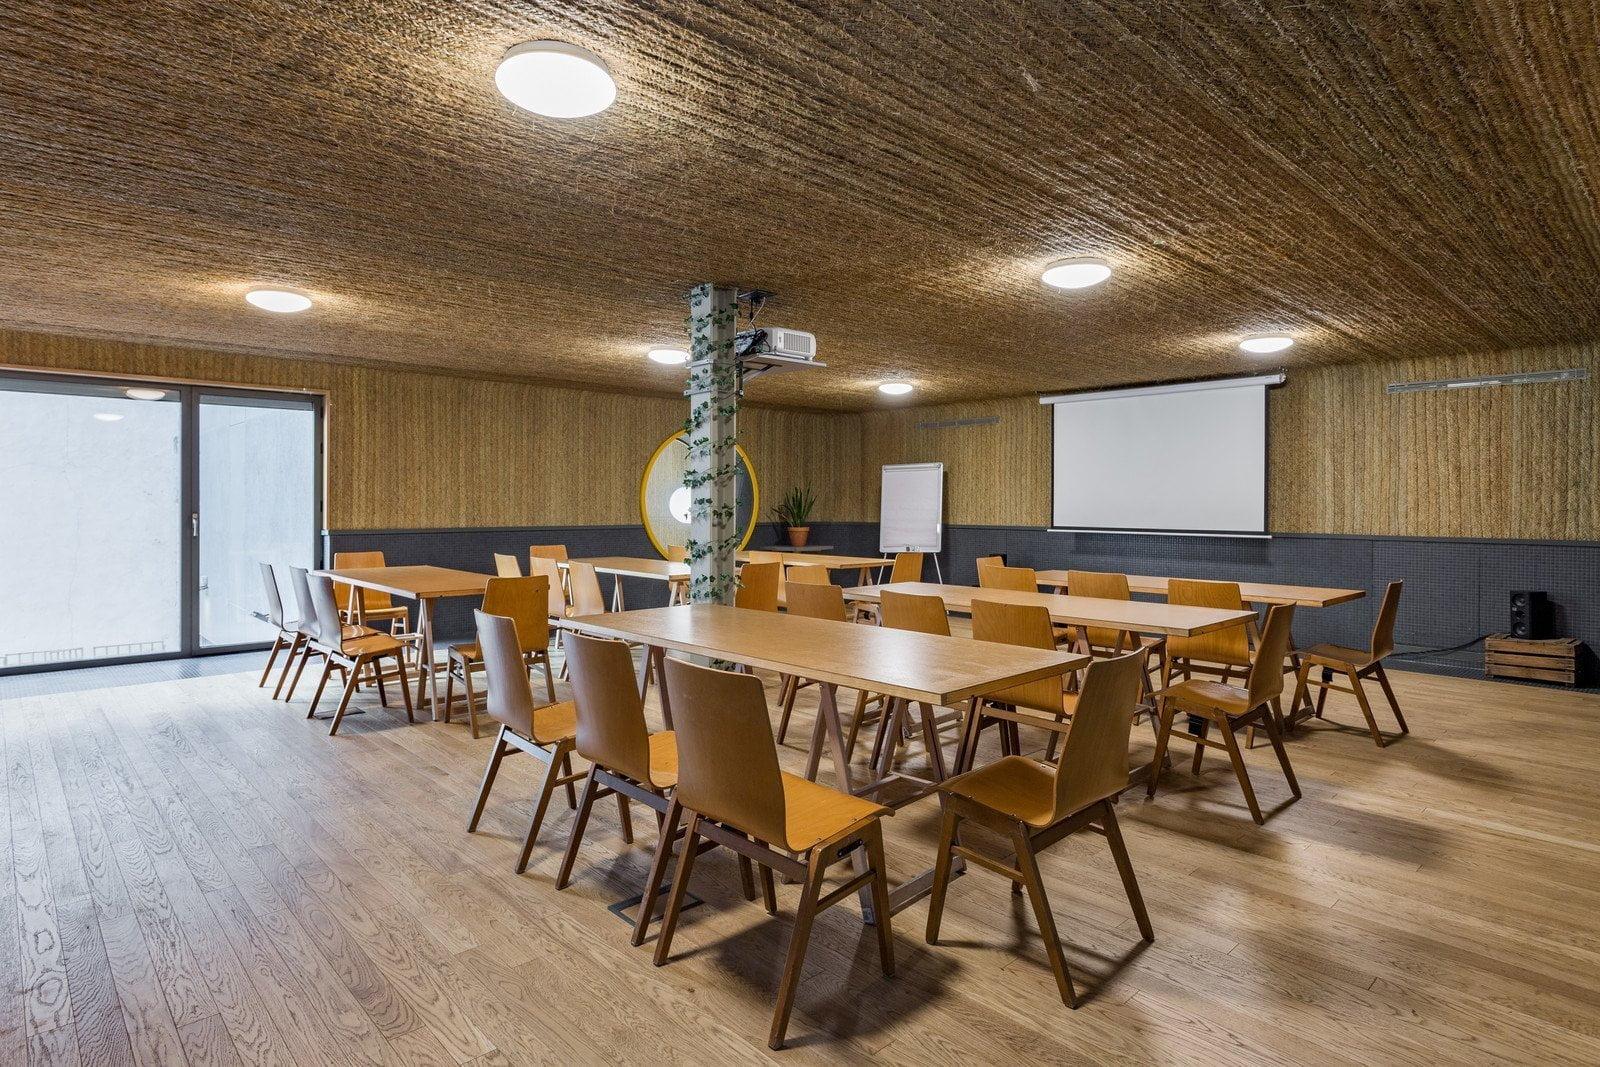 Sala Esparto 3 - Impact Hub Piamonte